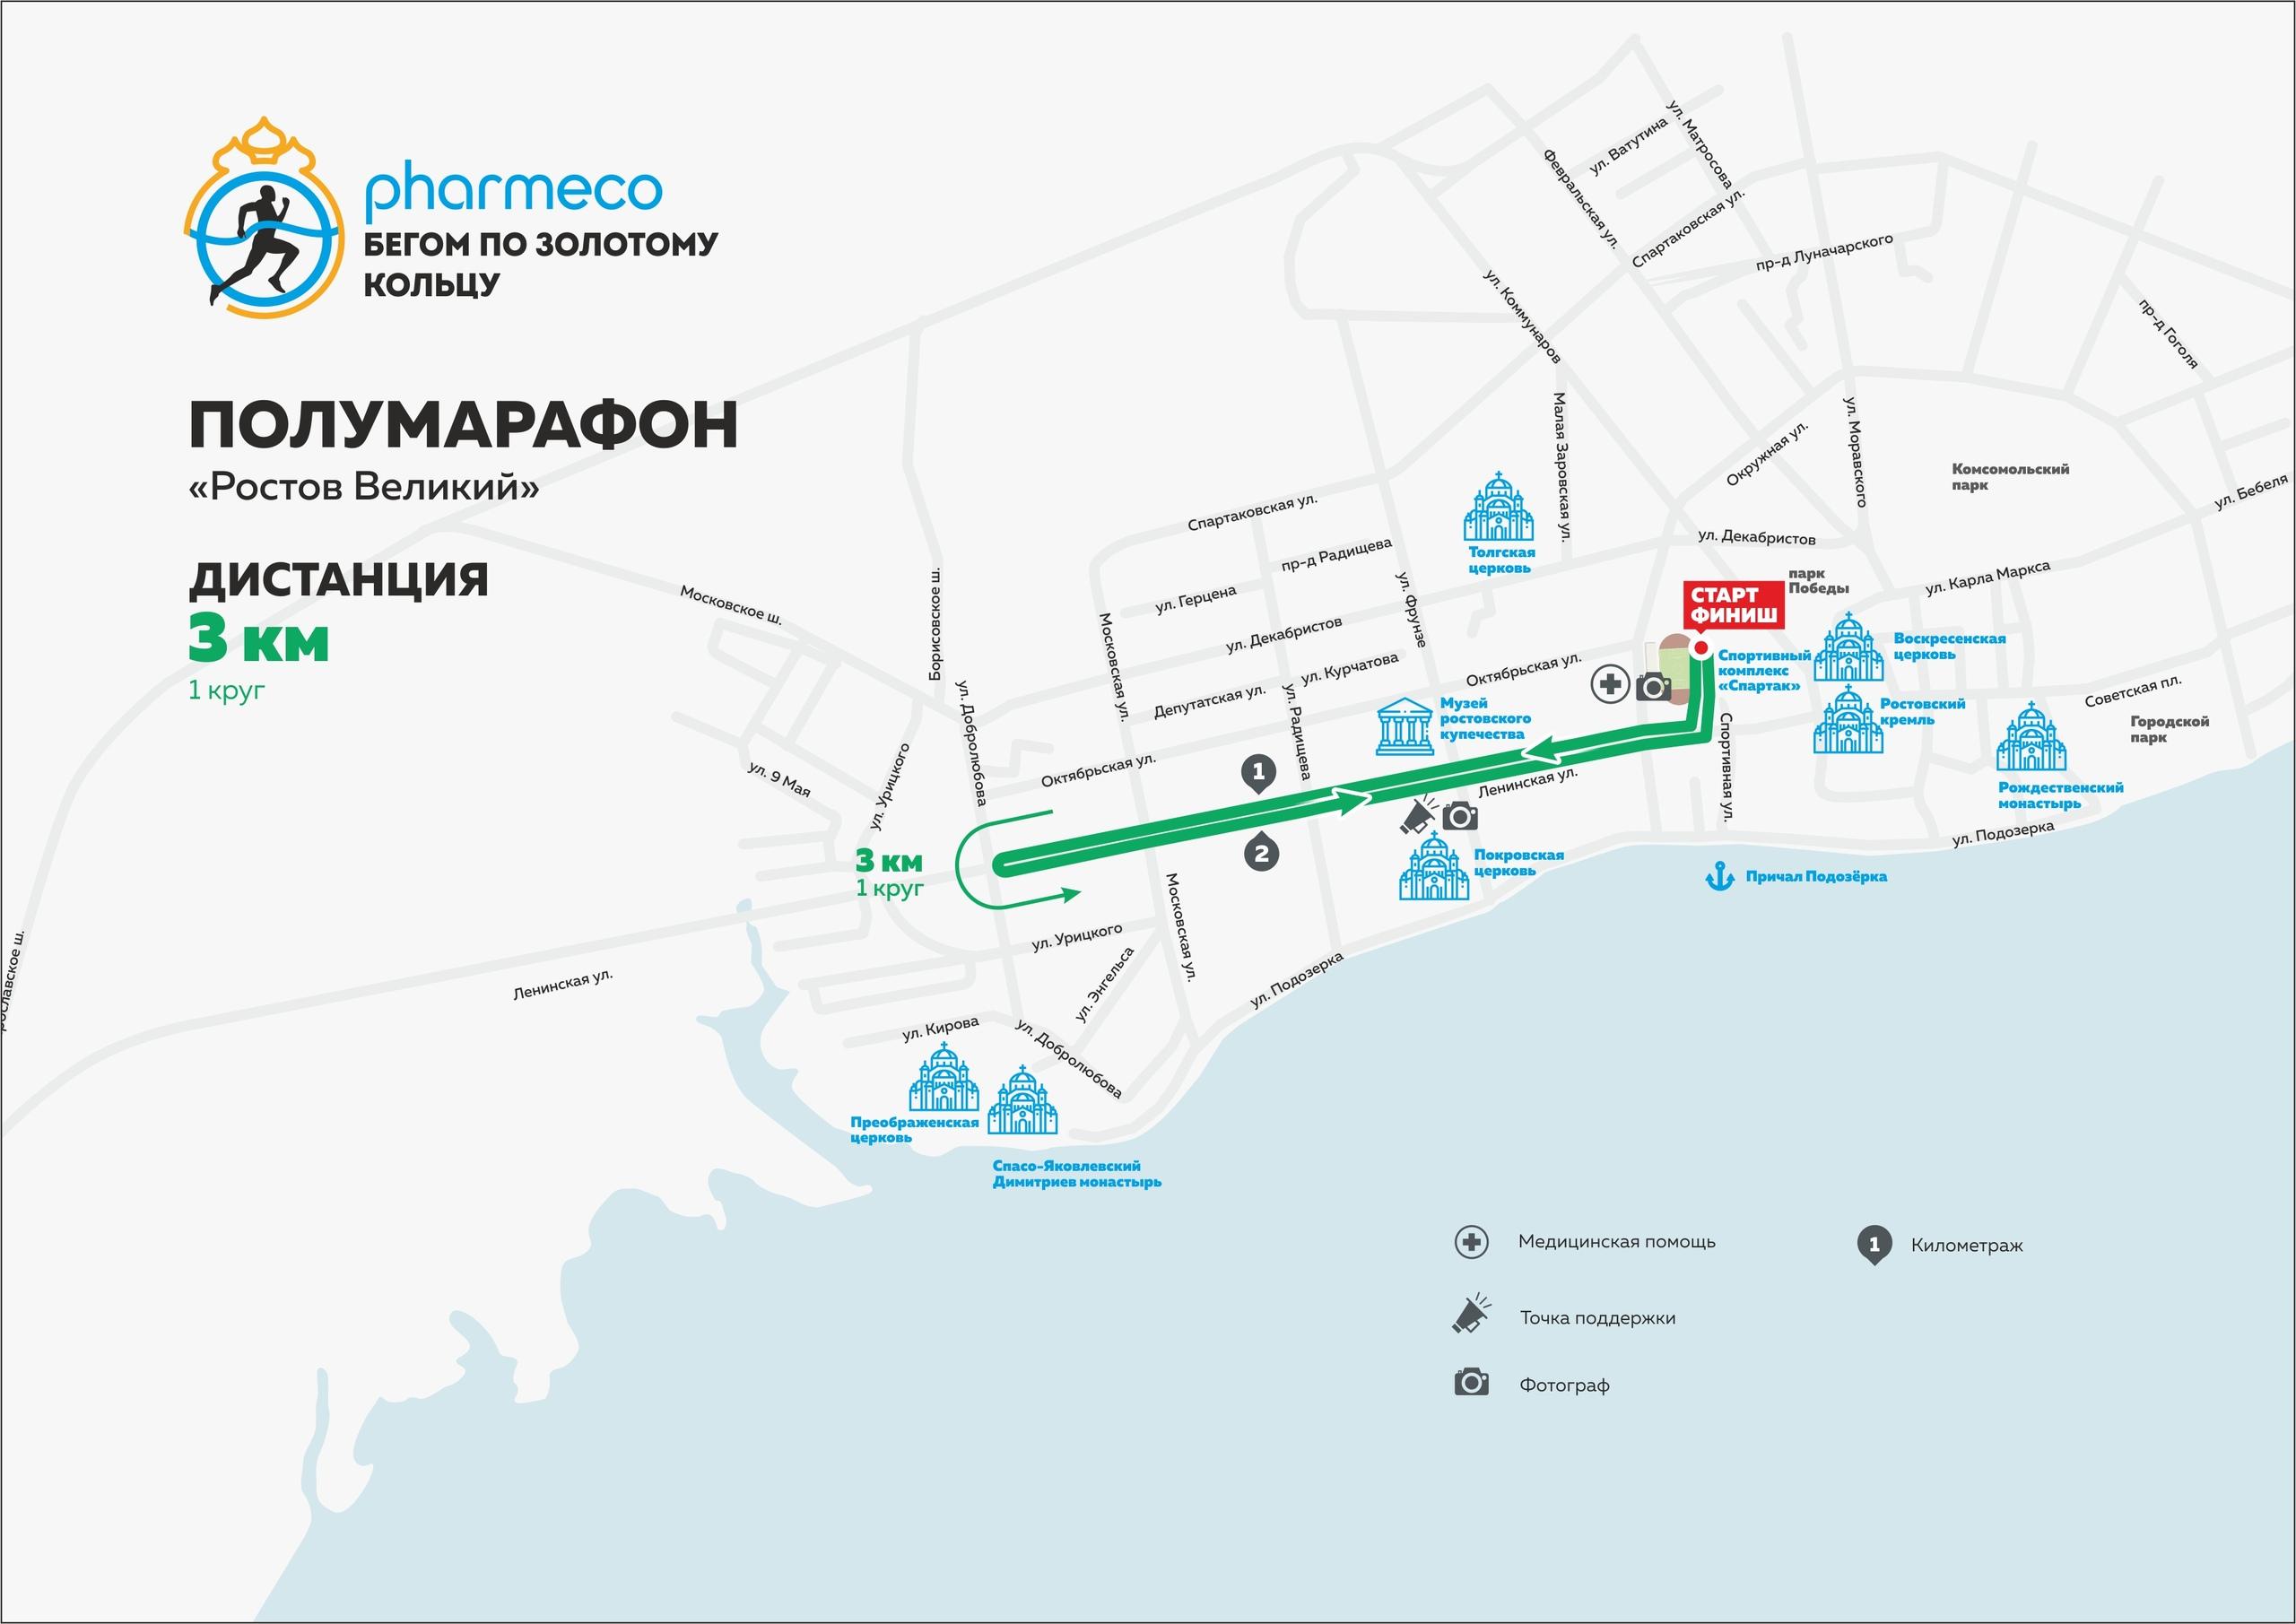 З км. Полумарафон Ростов Великий 2019